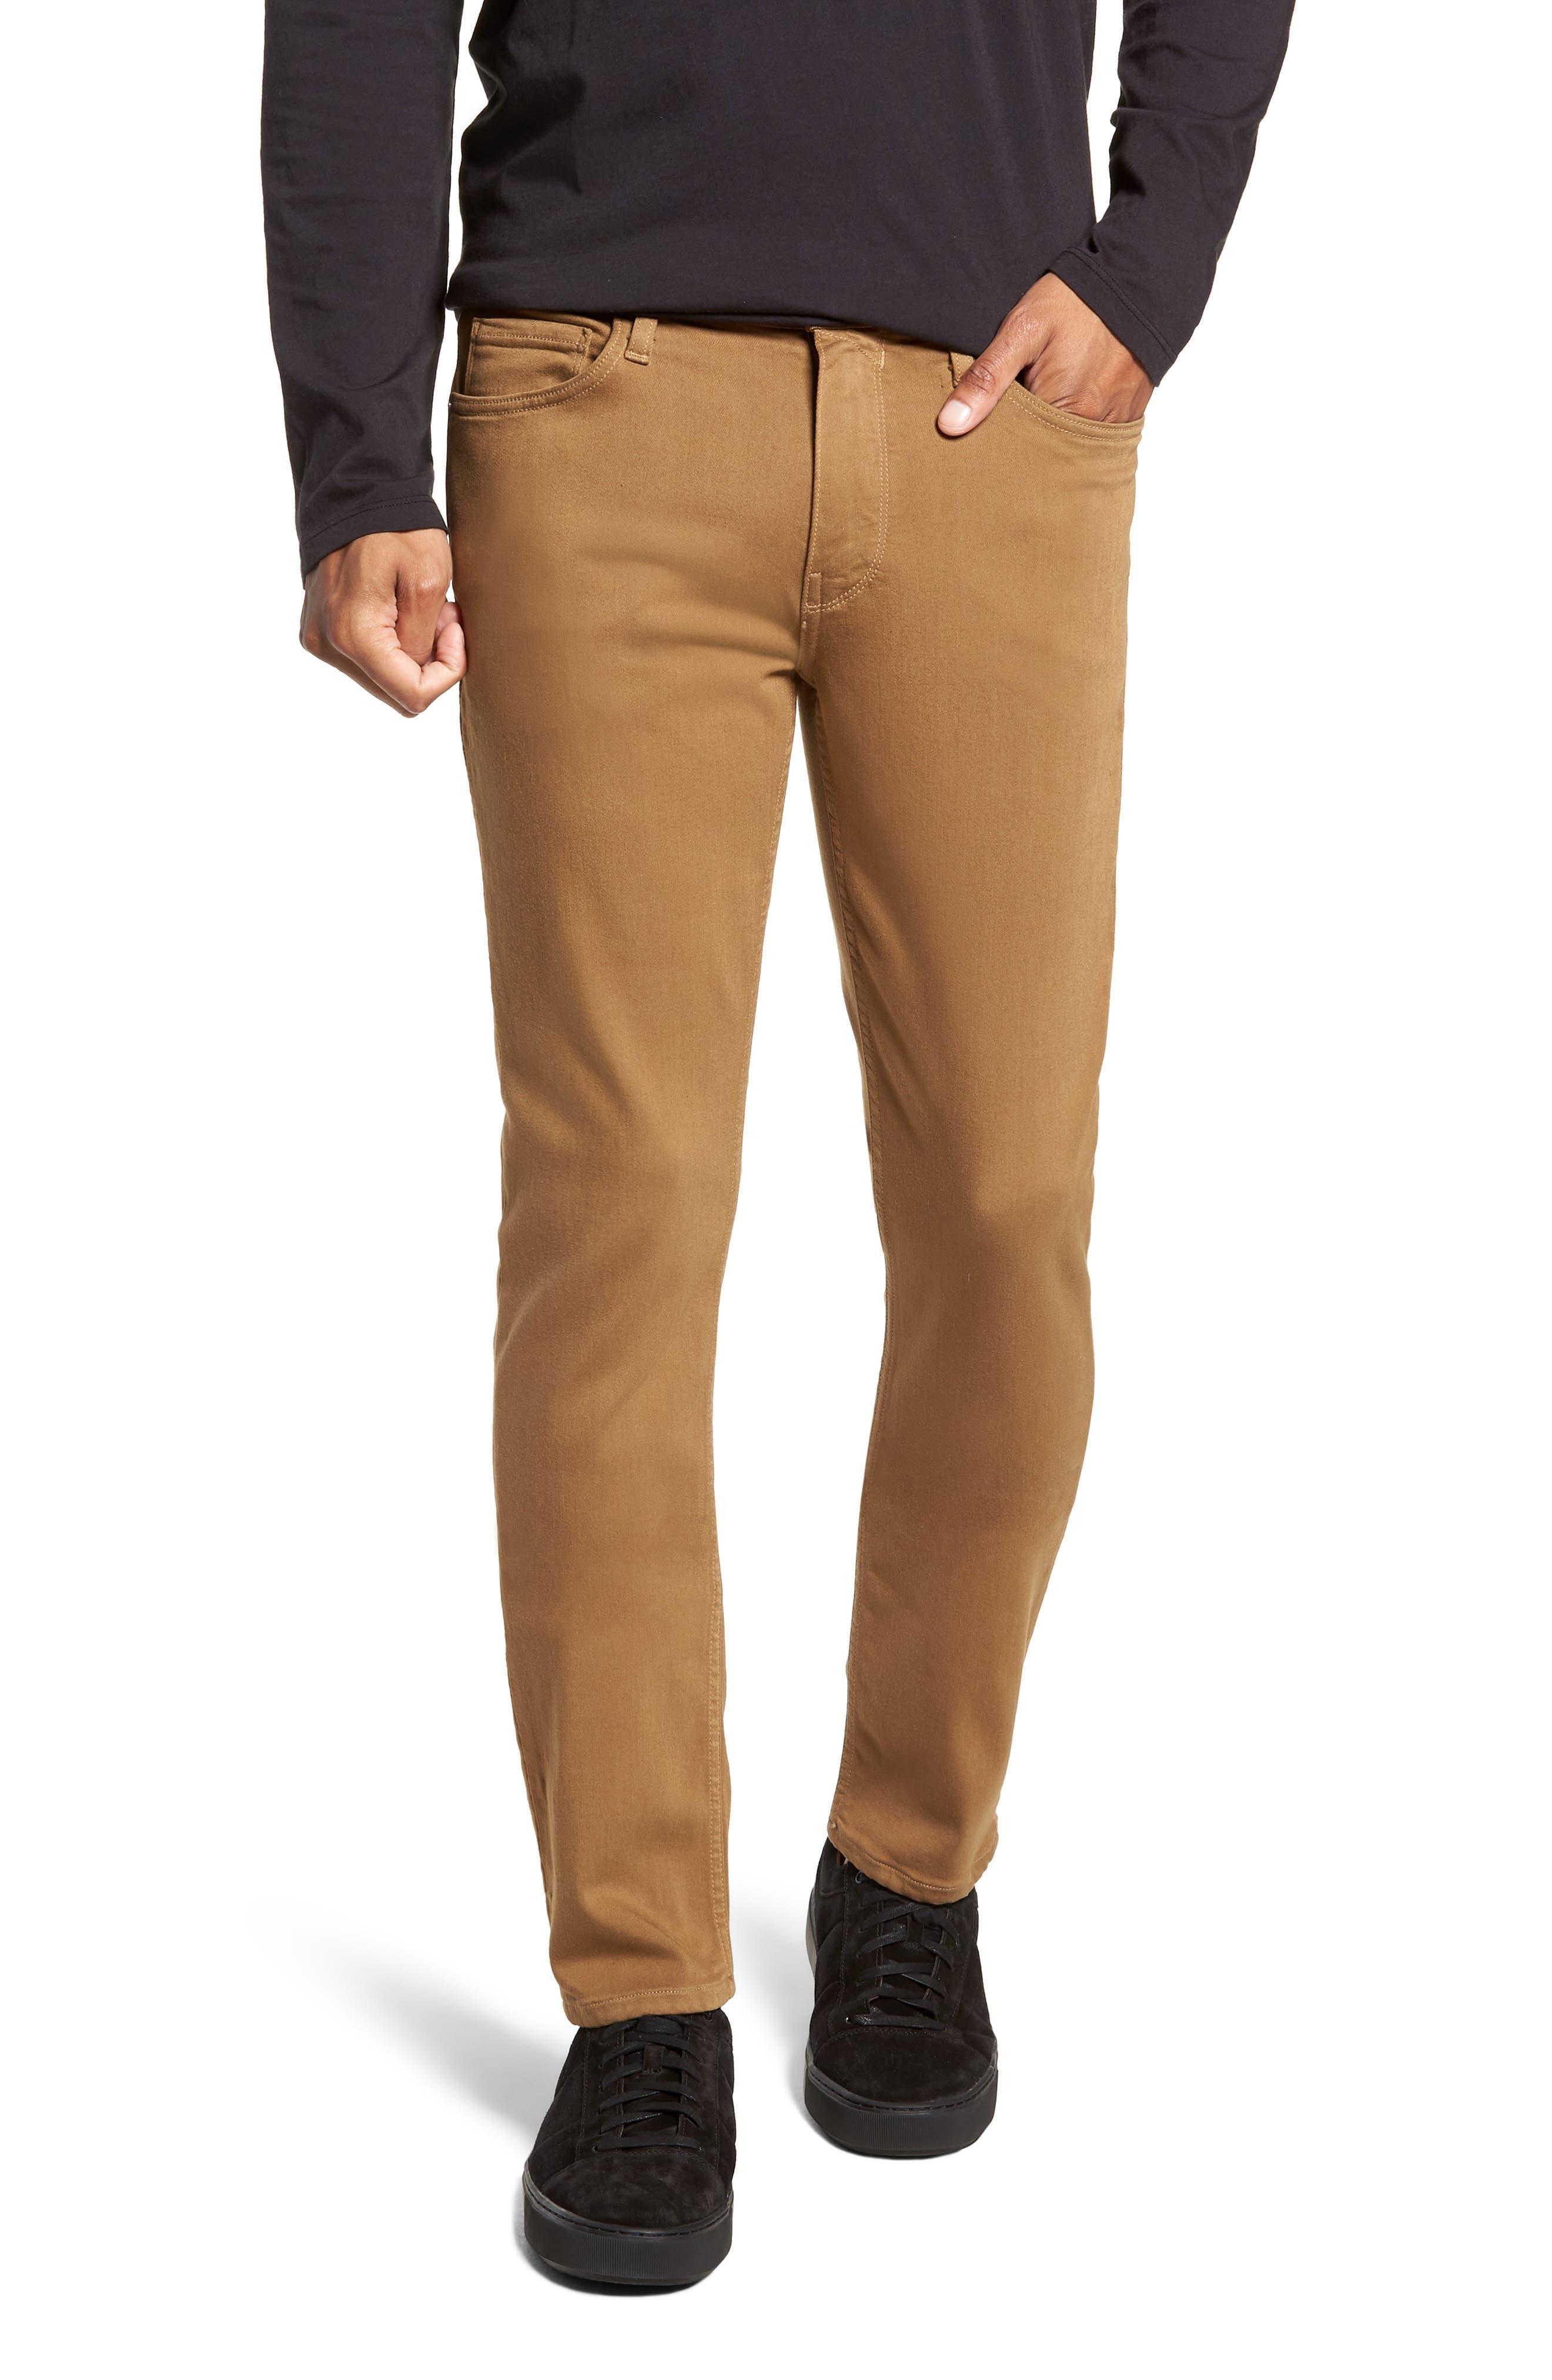 Transcend - Normandie Straight Leg Jeans,                         Main,                         color, LAUREL TAN